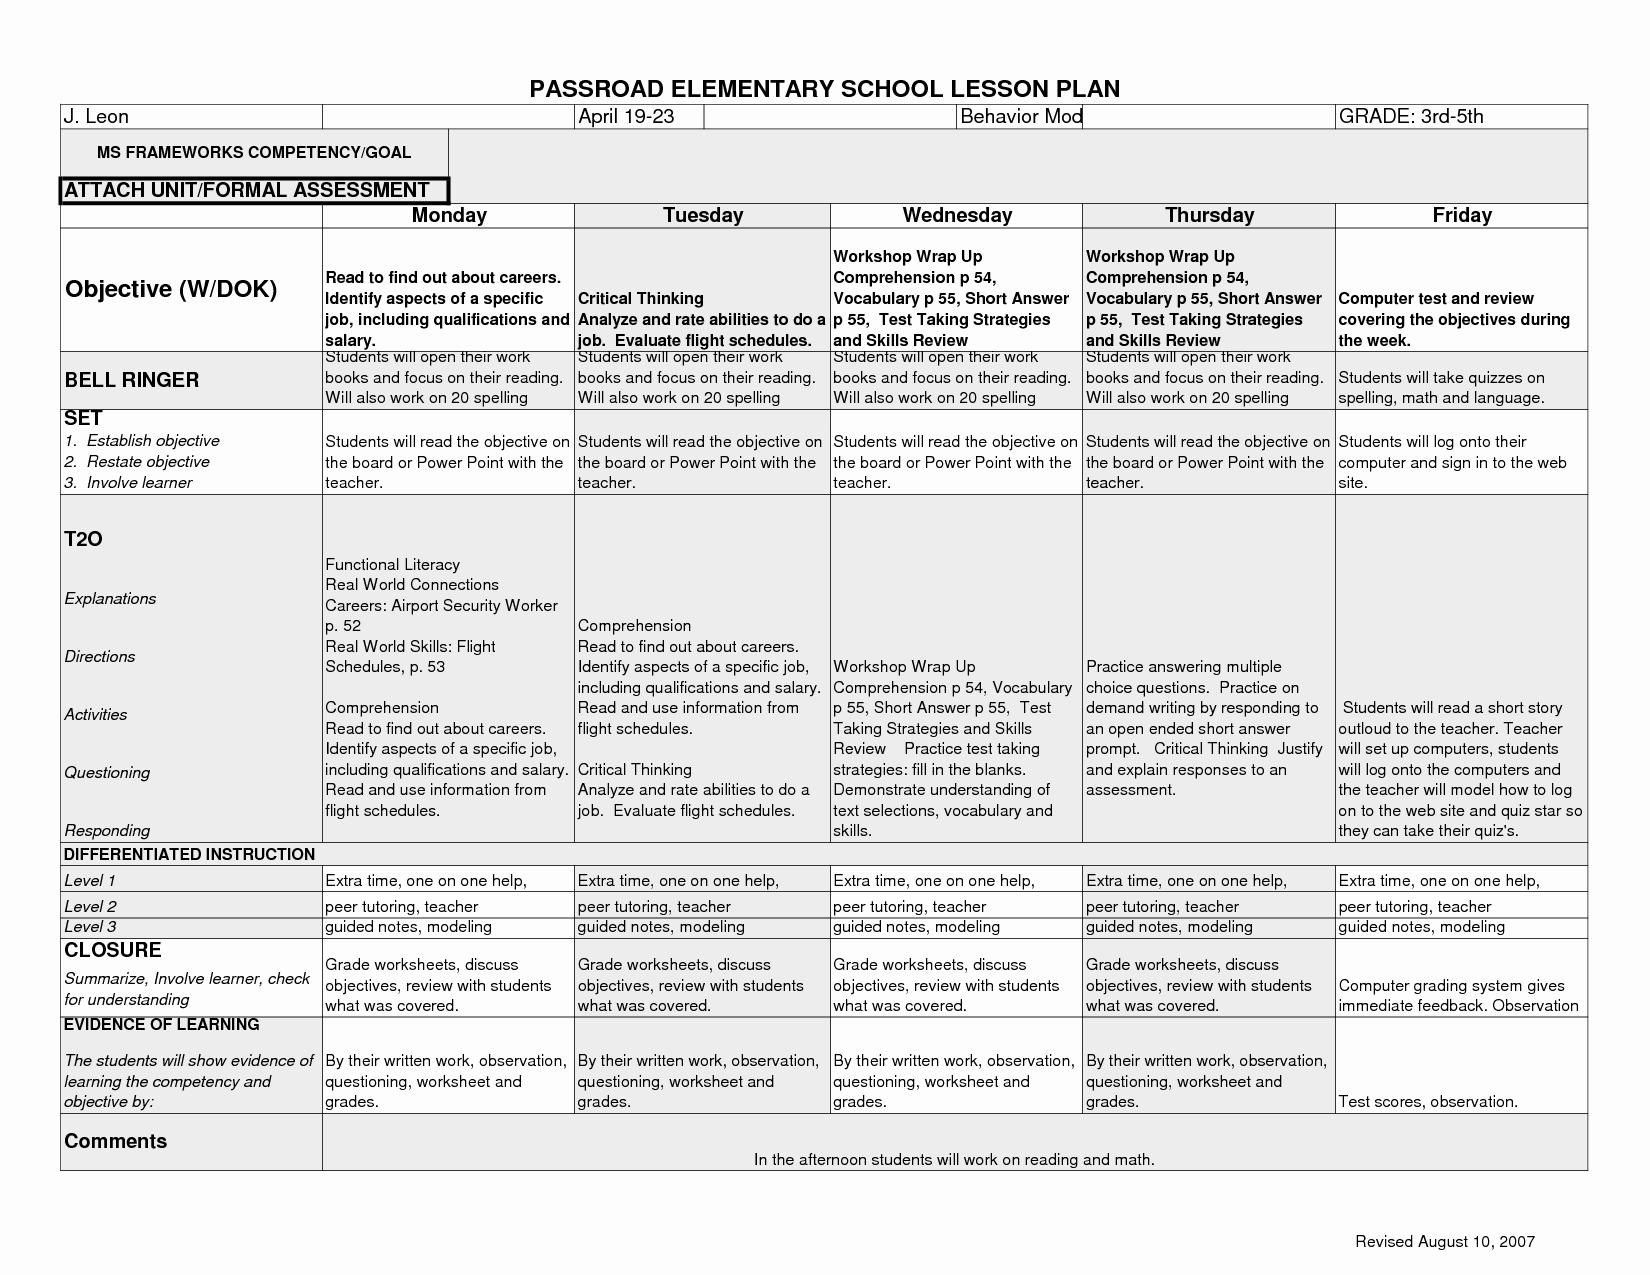 University Lesson Plan Template Fresh 12 Best Of Elementary Art History Worksheets Art